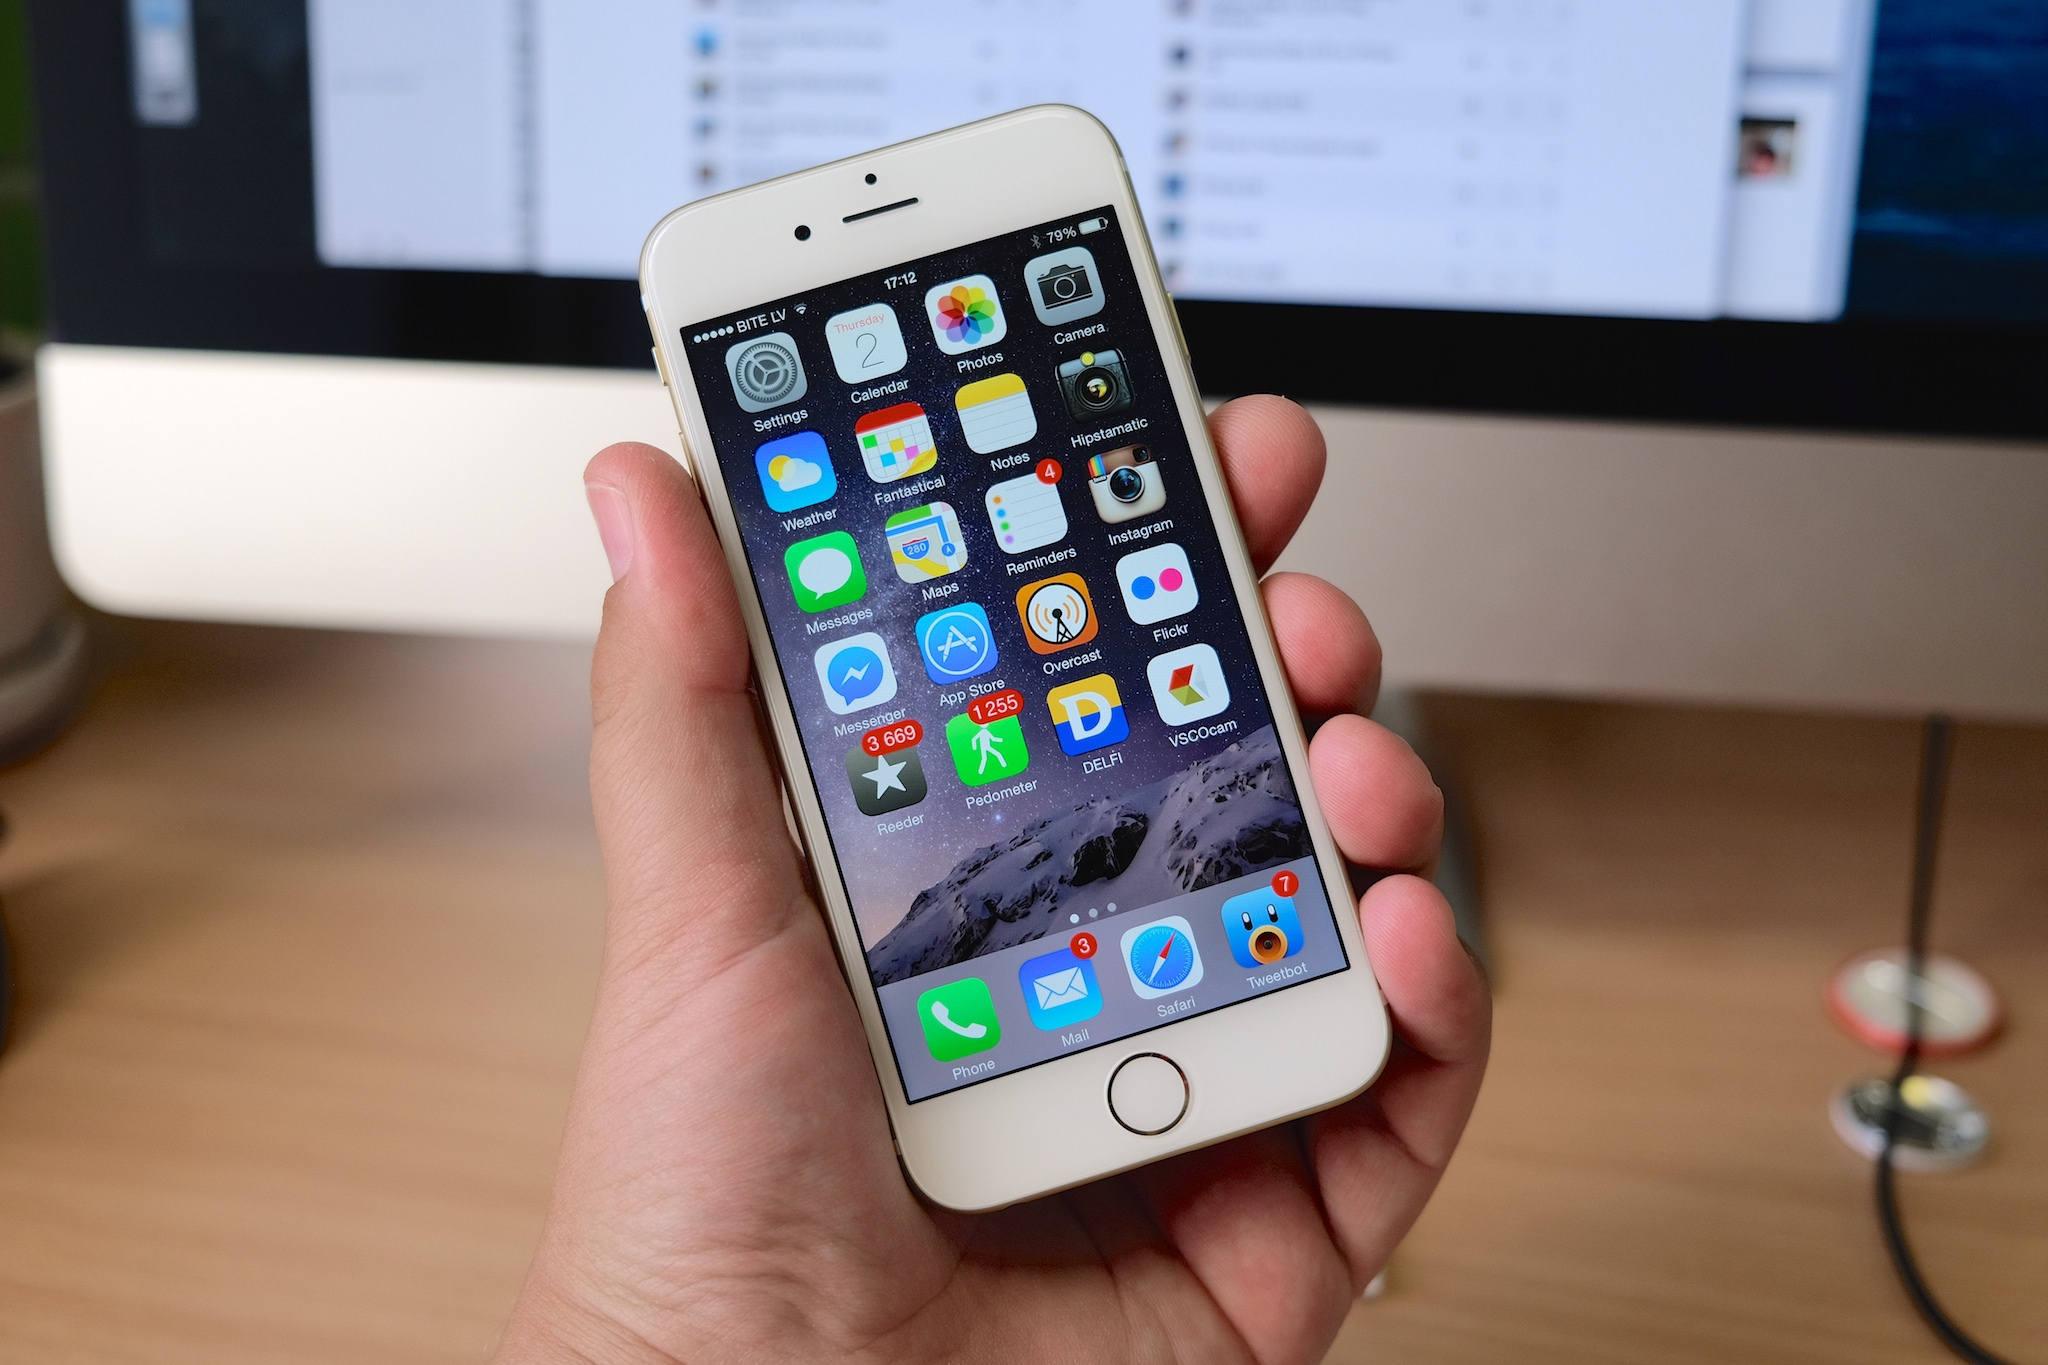 iPhone 6: Fundas y carcasas anticaídas que puedes comprar